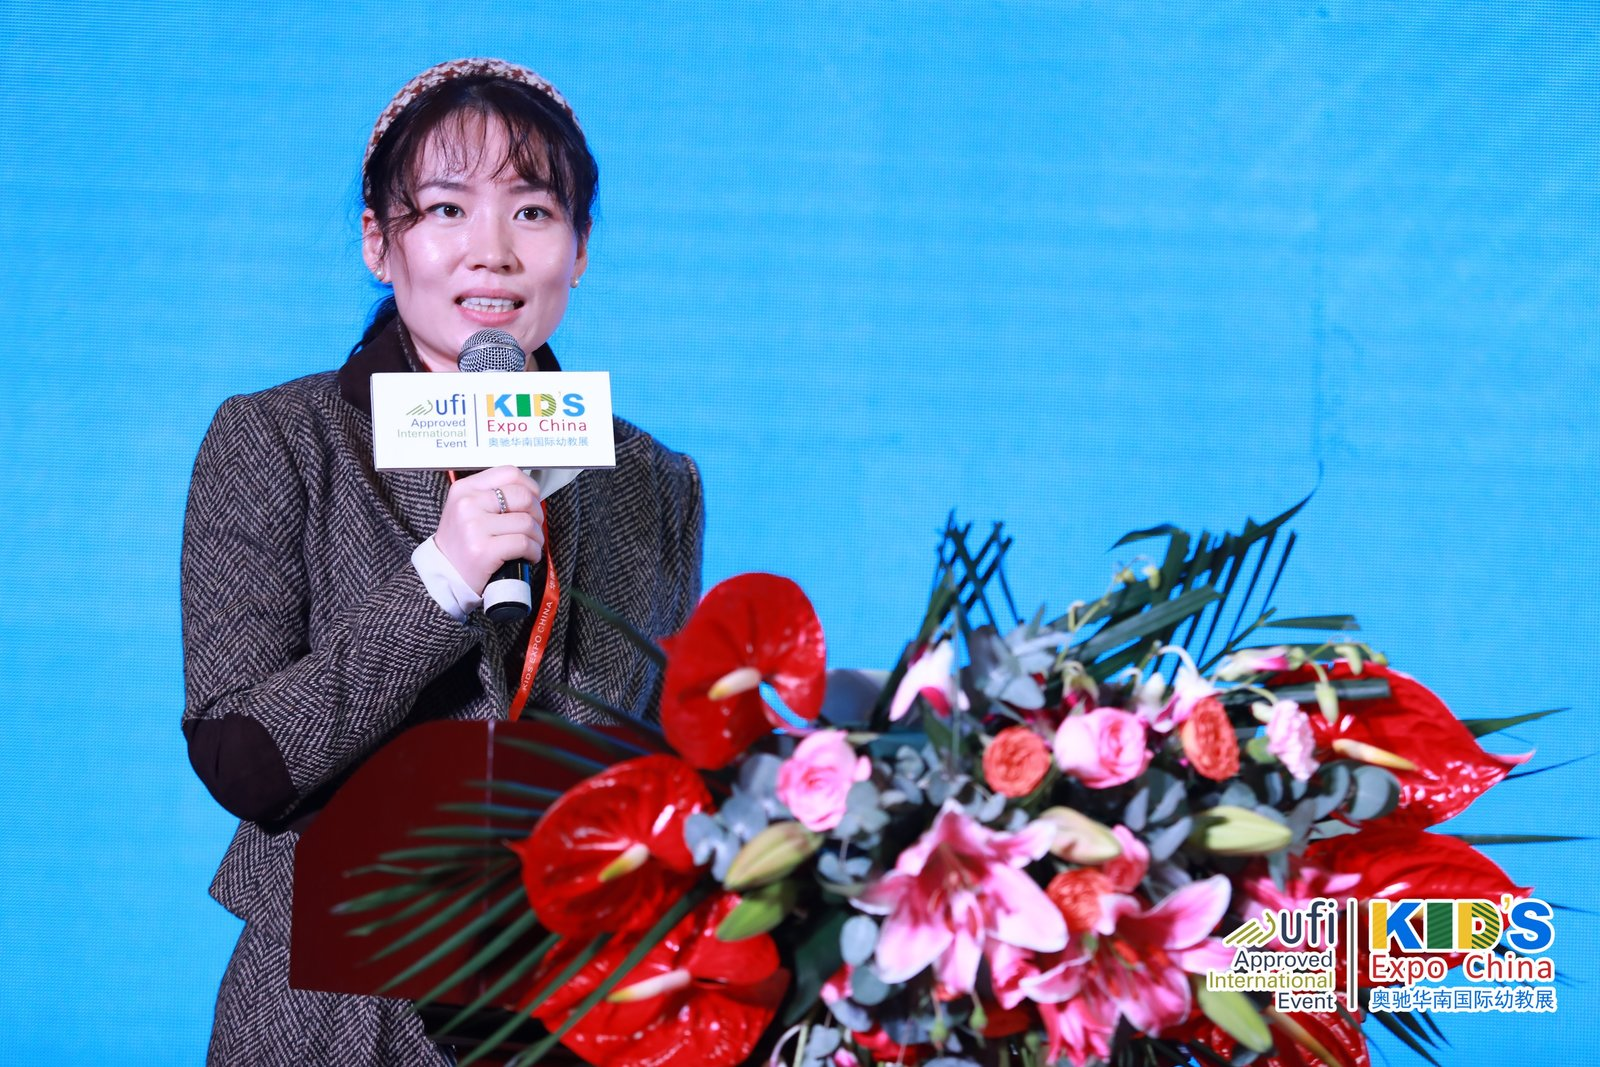 第十一届华南国际幼教展融合创新5